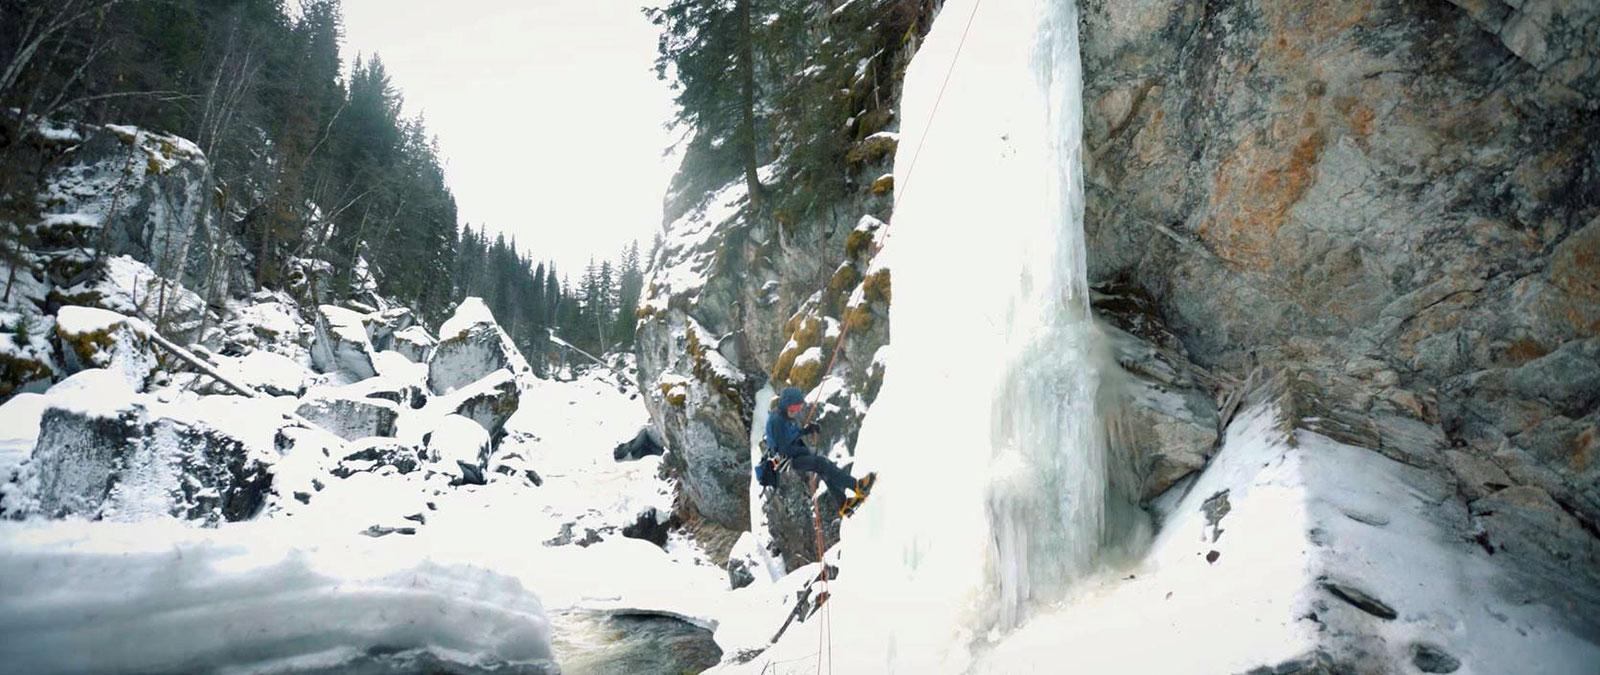 kenclimbingwaterfall